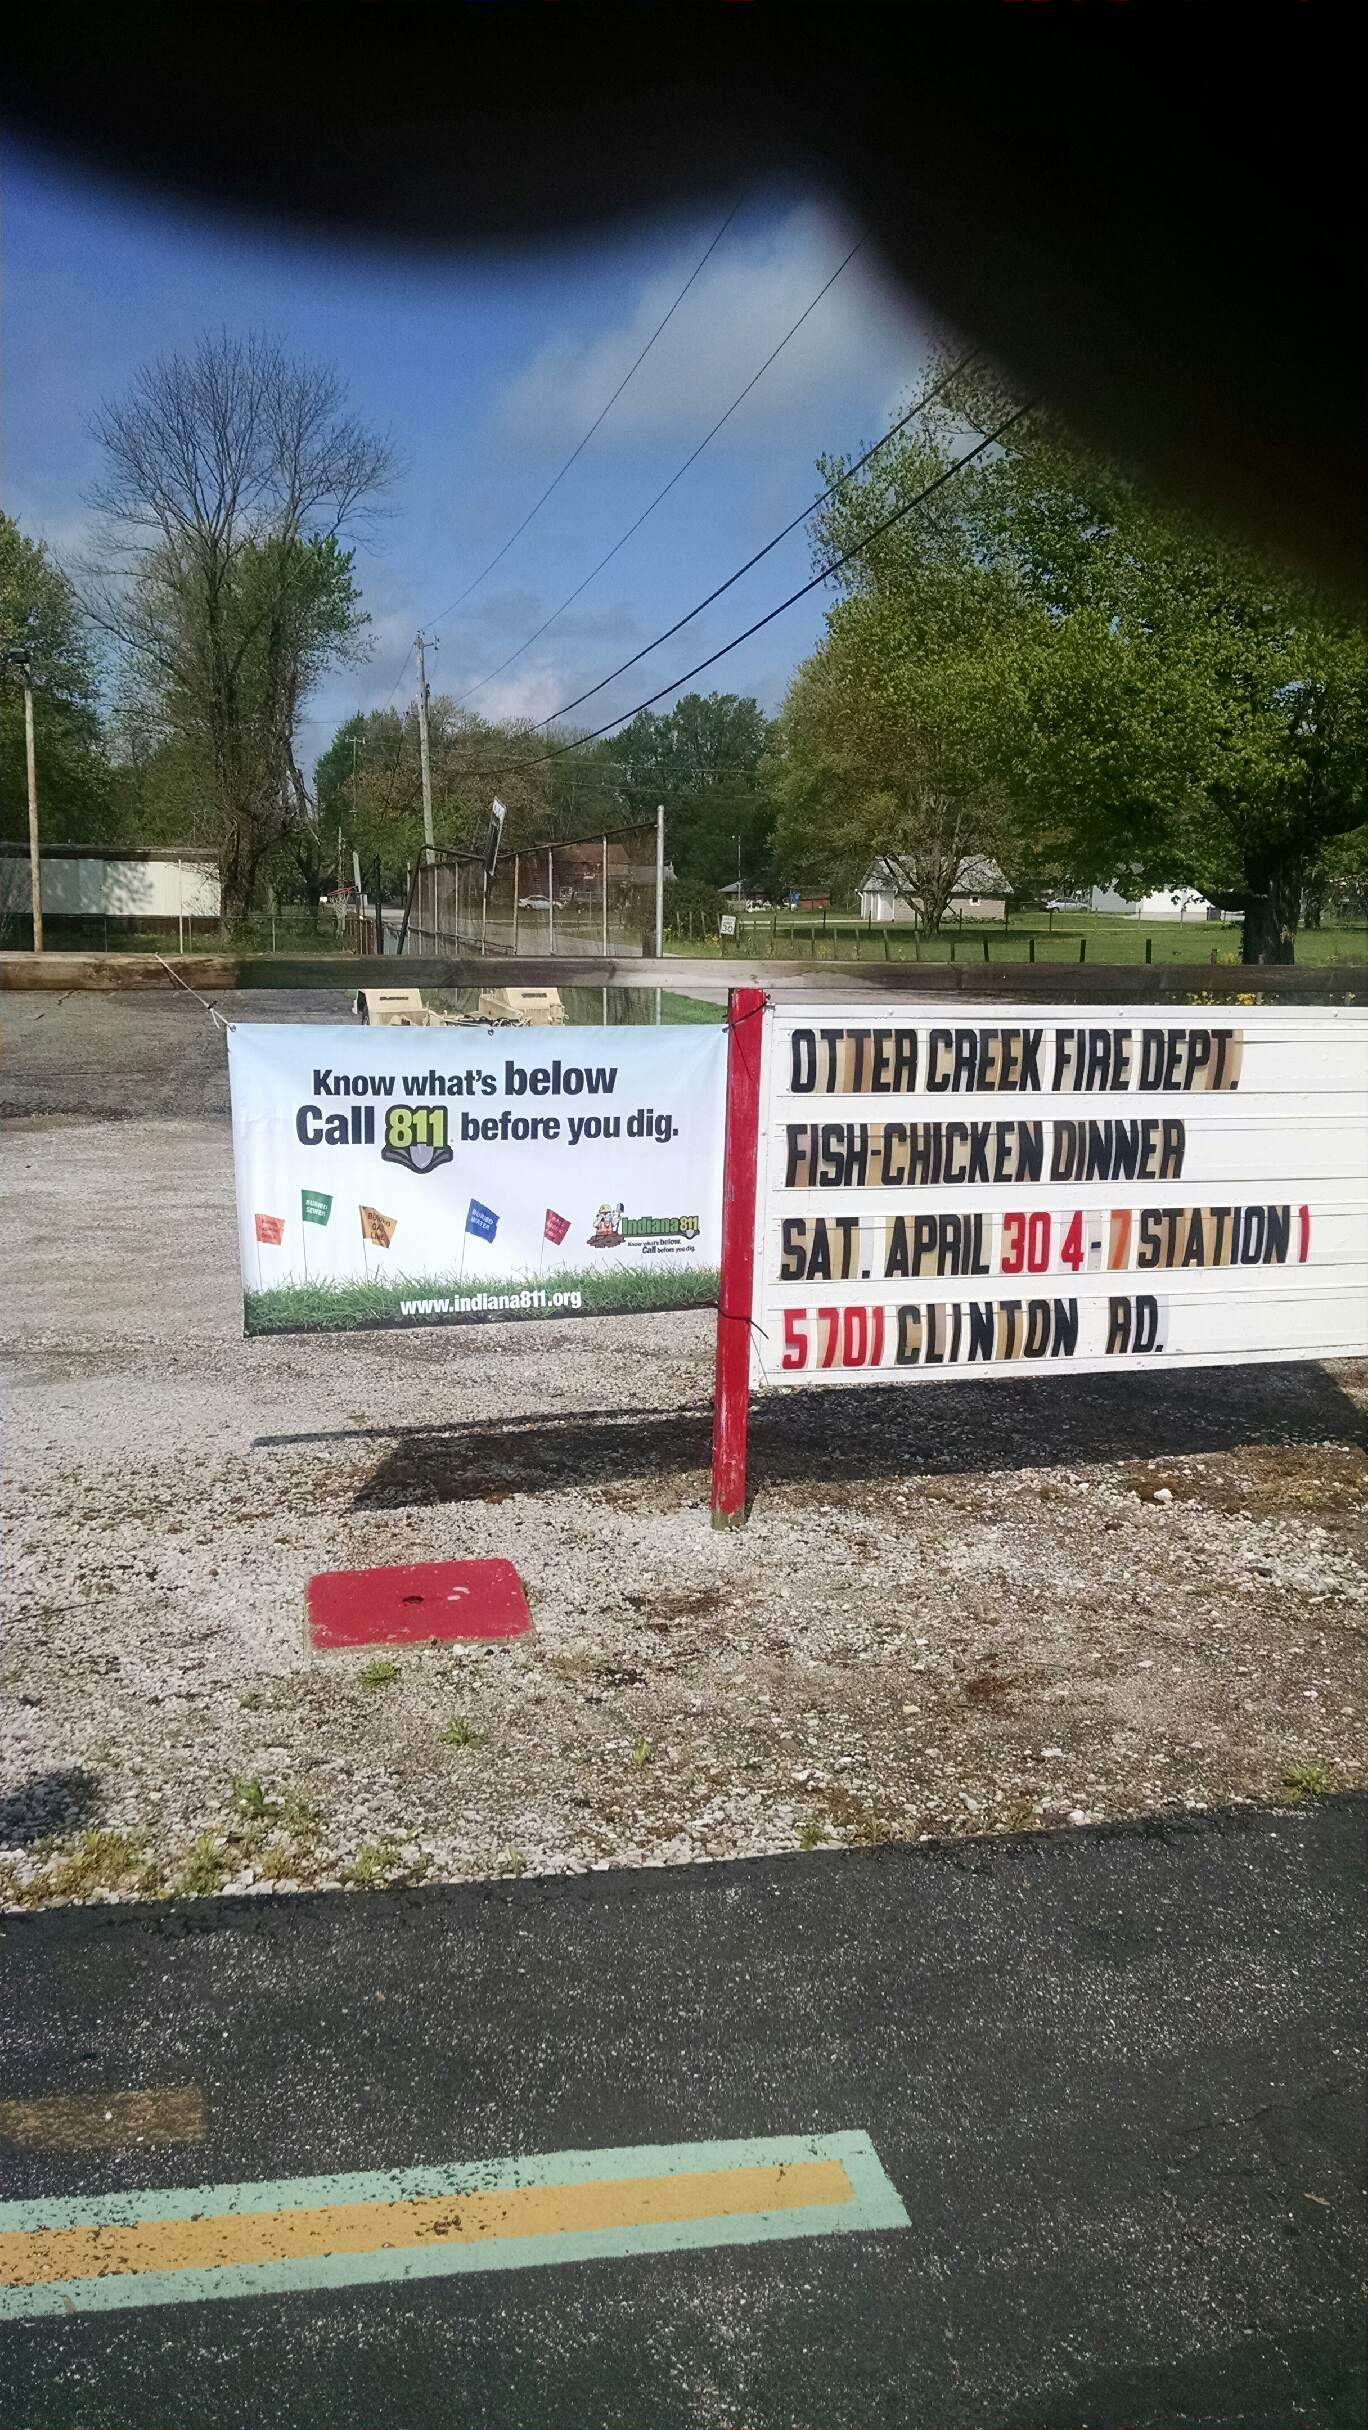 Otter Creek Fire Department